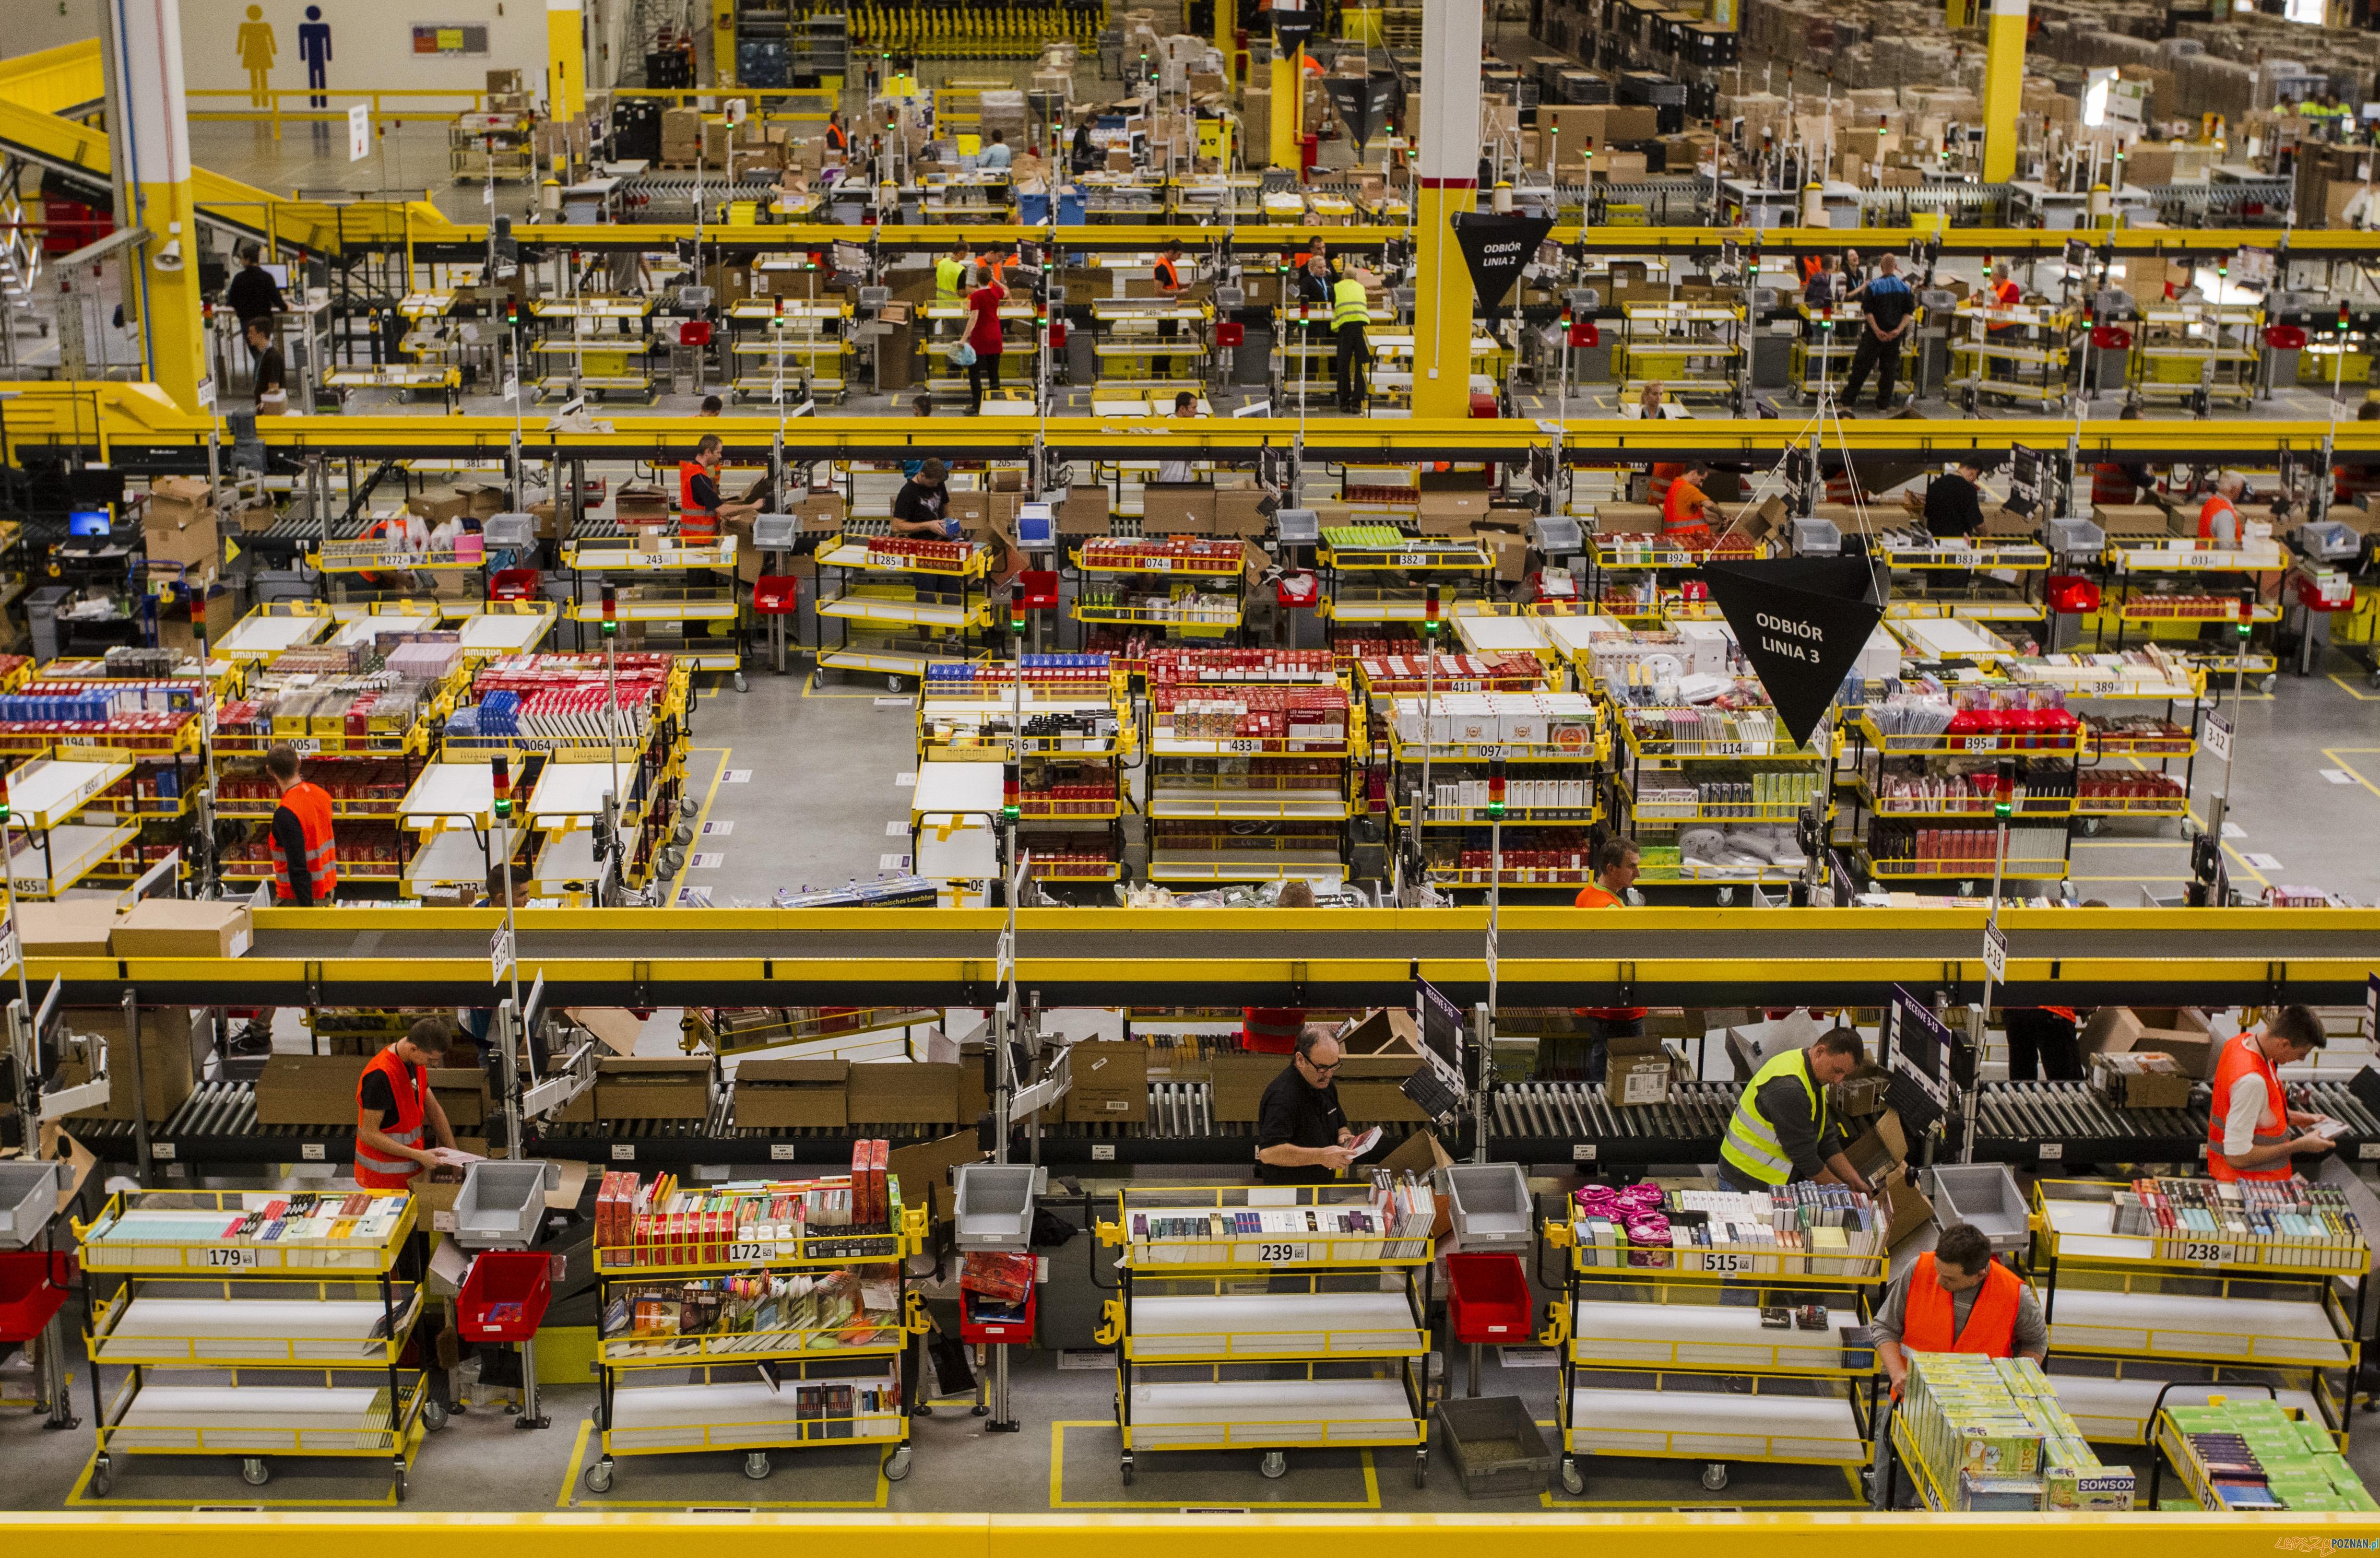 Oficjalne otwarcie centrum logistyczno-magazynowego Amazon w Sadach (4)  Foto: Grzegorz Dembiński, Głos Wielkopolski, BZ WBK Press Foto 2015